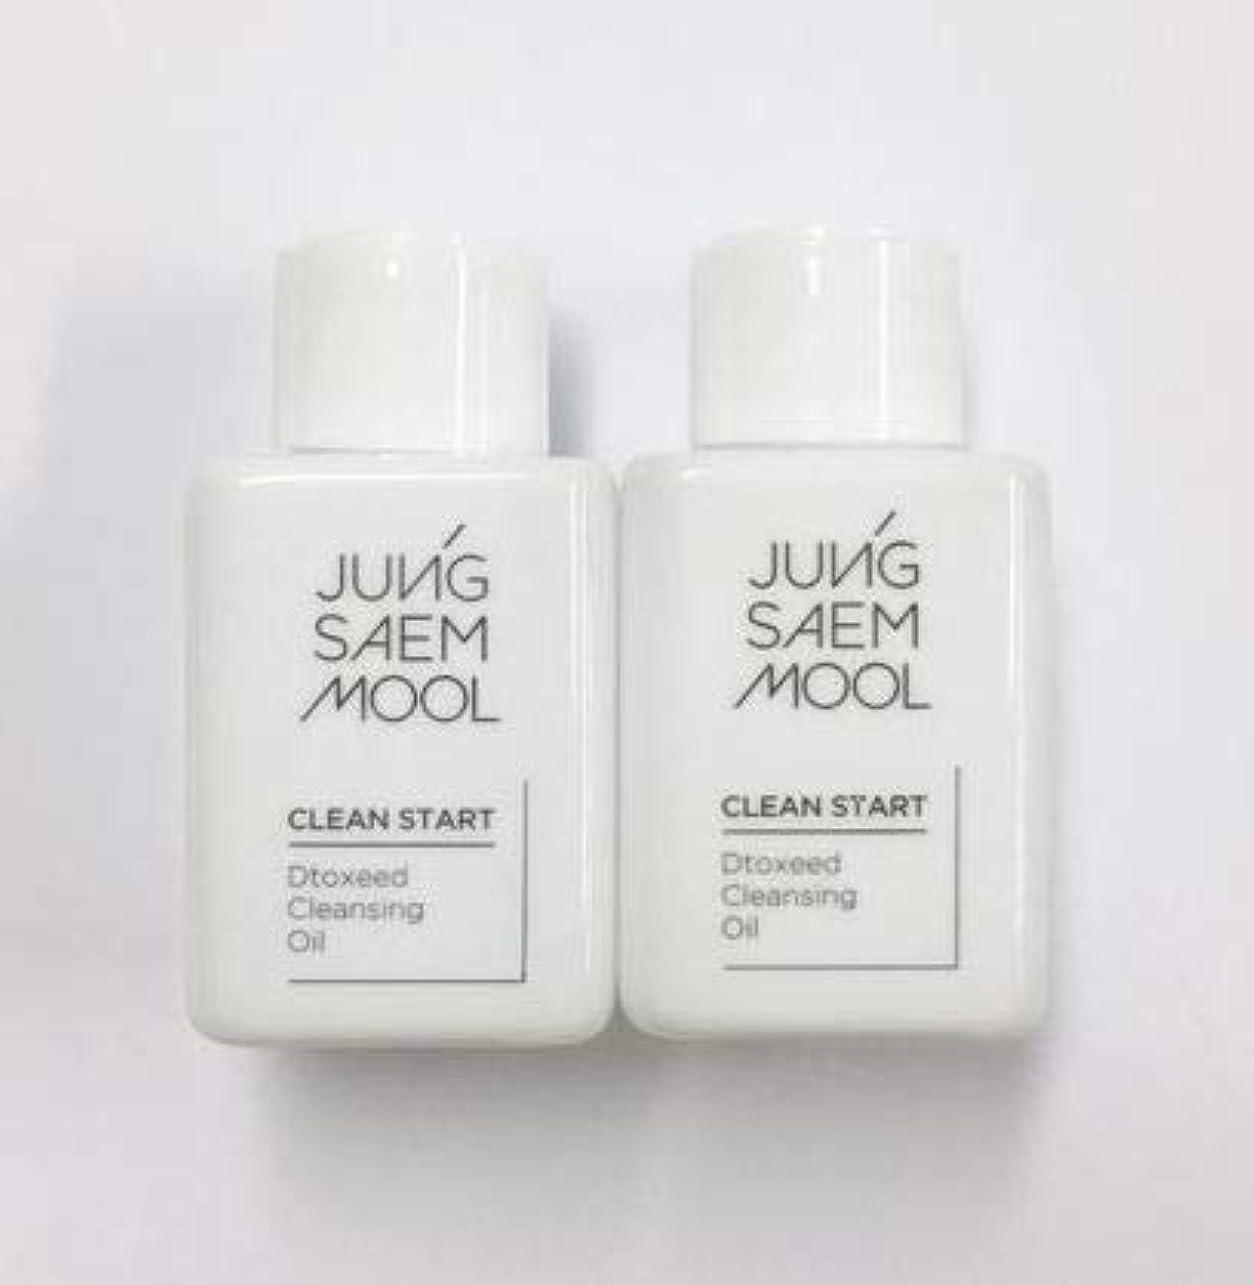 ゴミ典型的な信号JUNG SAEM MOOL Clean Start Dtoxeed Cleansing Oil_サンプル (30ml)*2ea [並行輸入品]